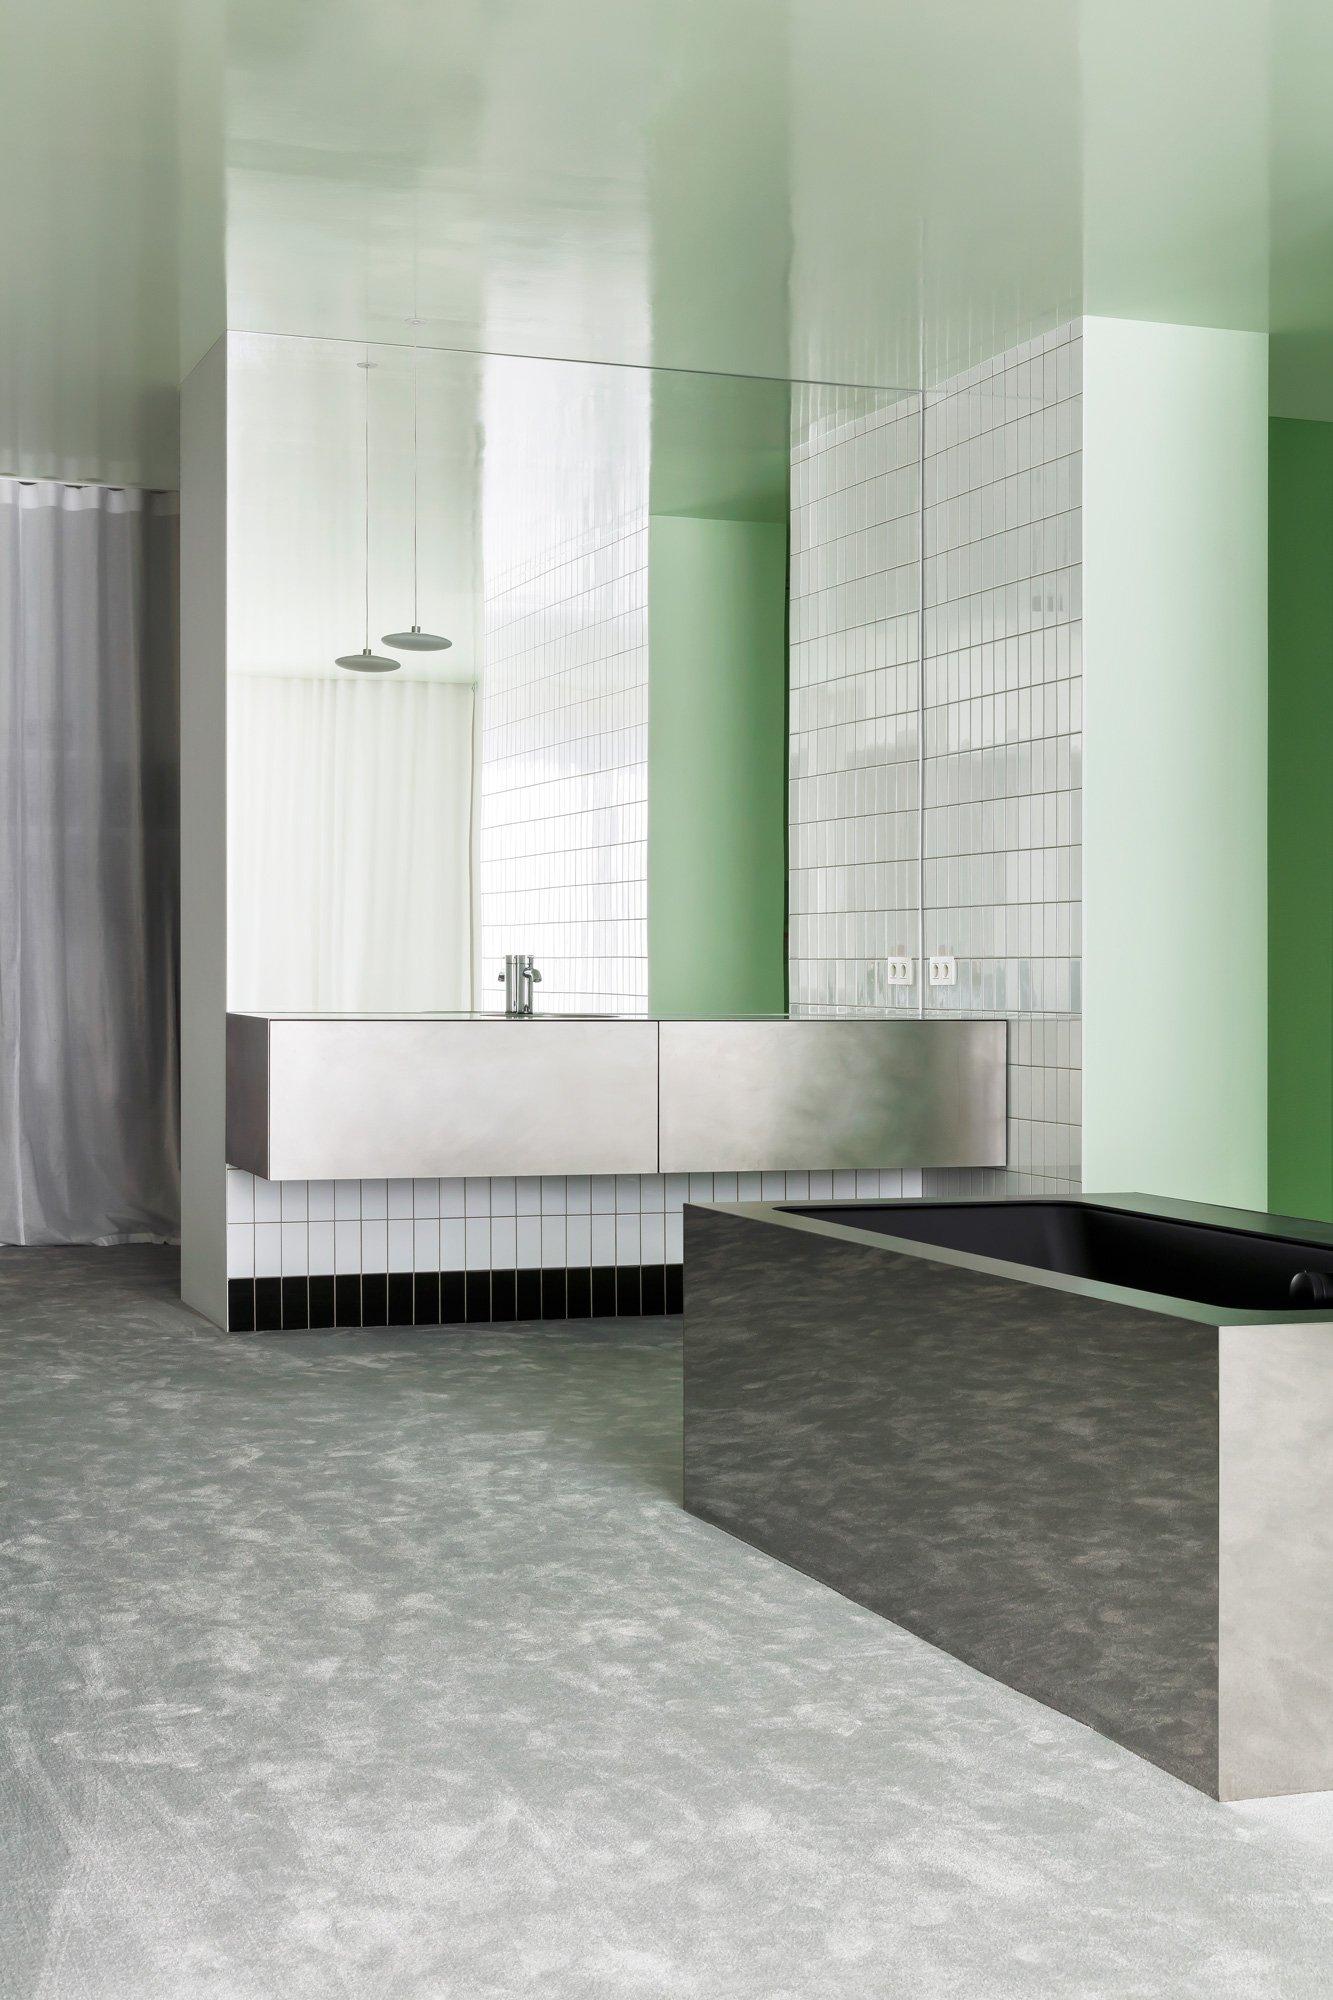 Minimalistischer Umbau eines Apartments von DIALECT in Antwerpen